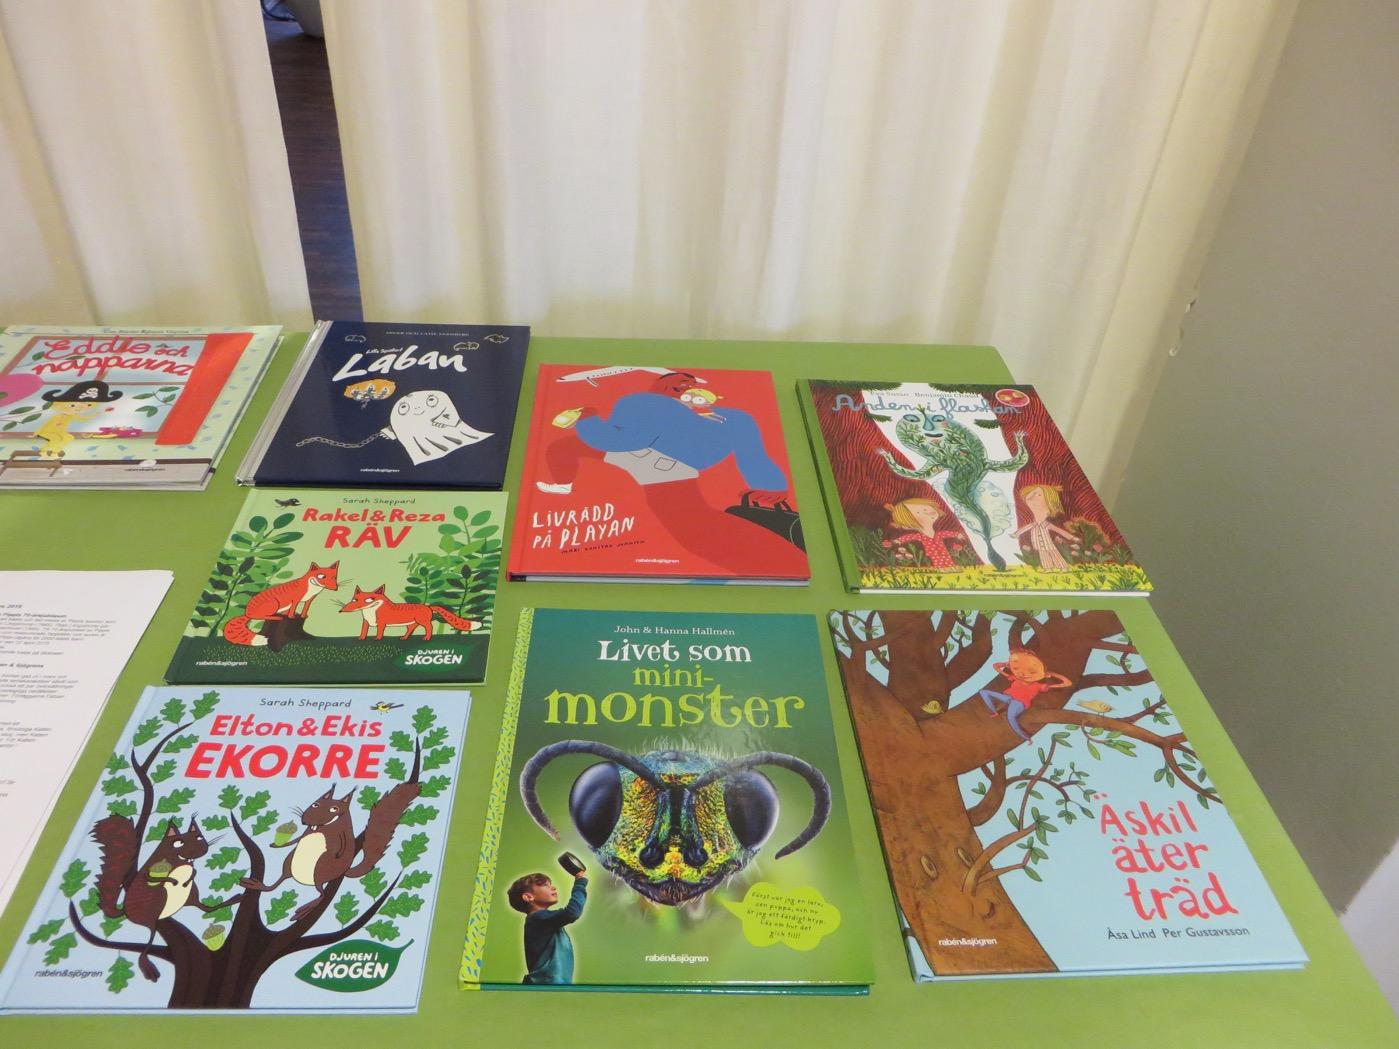 Vårens nya böcker för barn 6-9 år från Raben & Sjögren